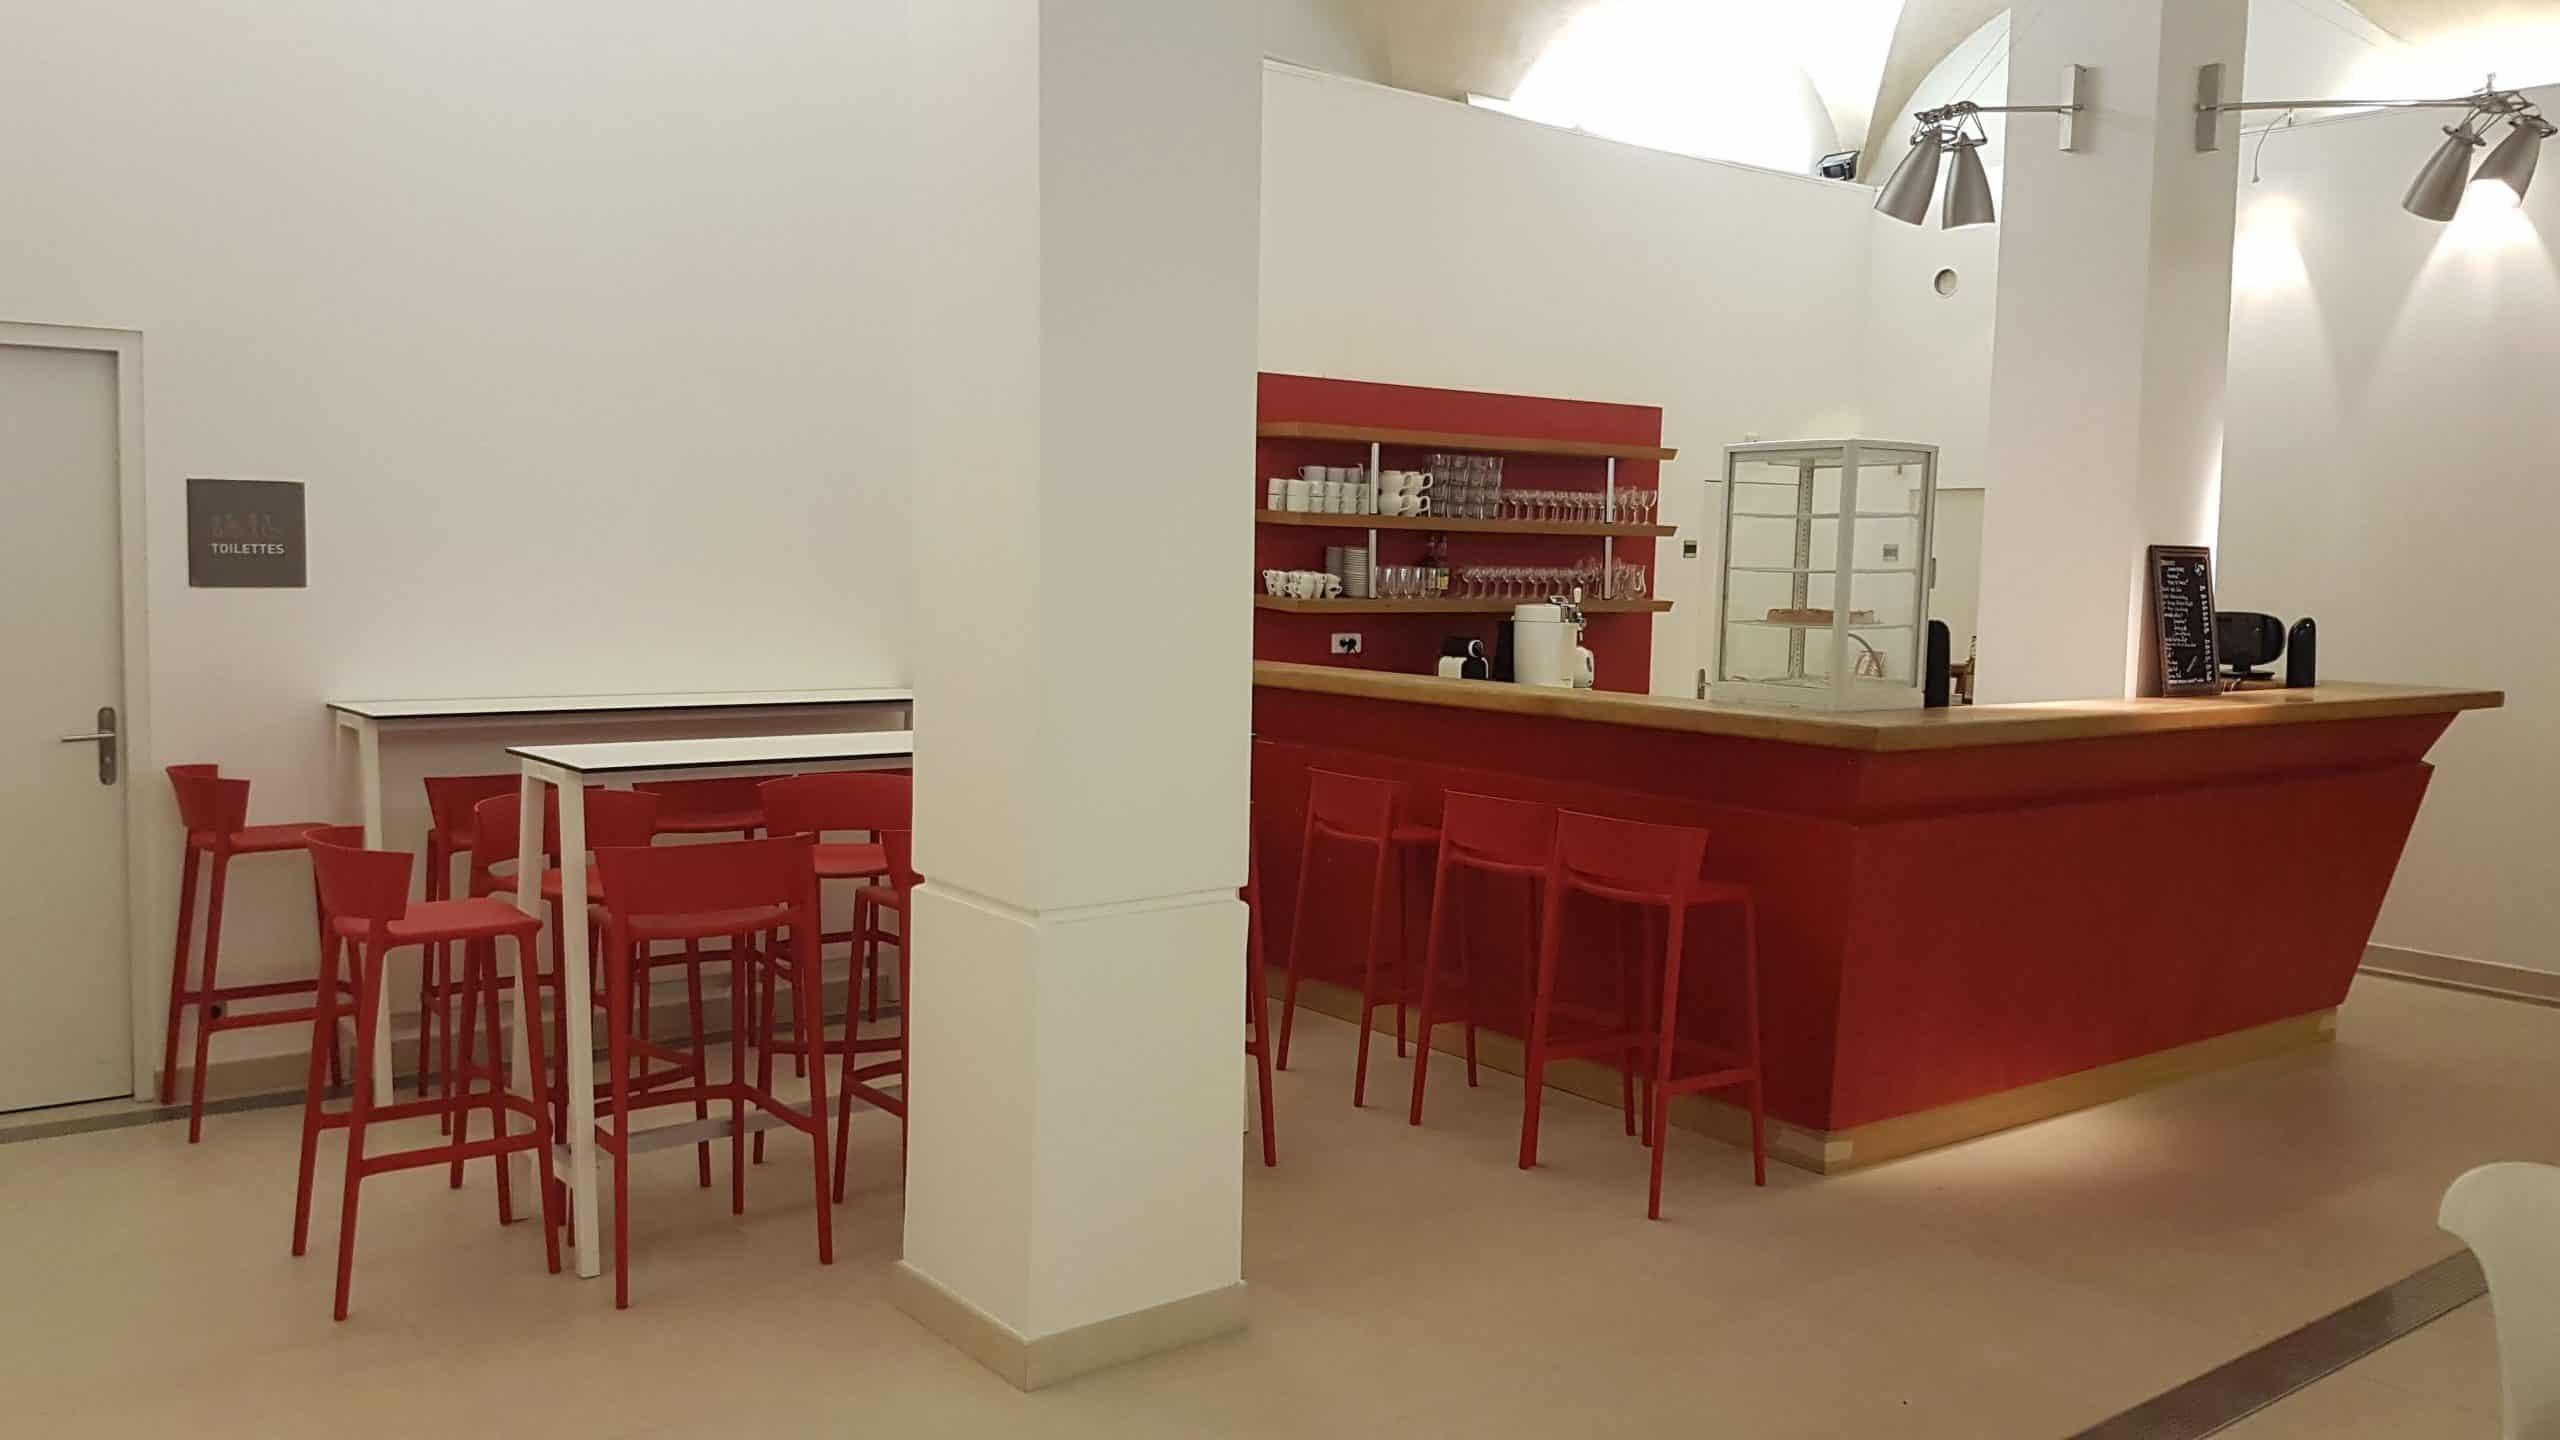 letourdi bar restaurant théâtre des célestins niveau 1 8 scaled